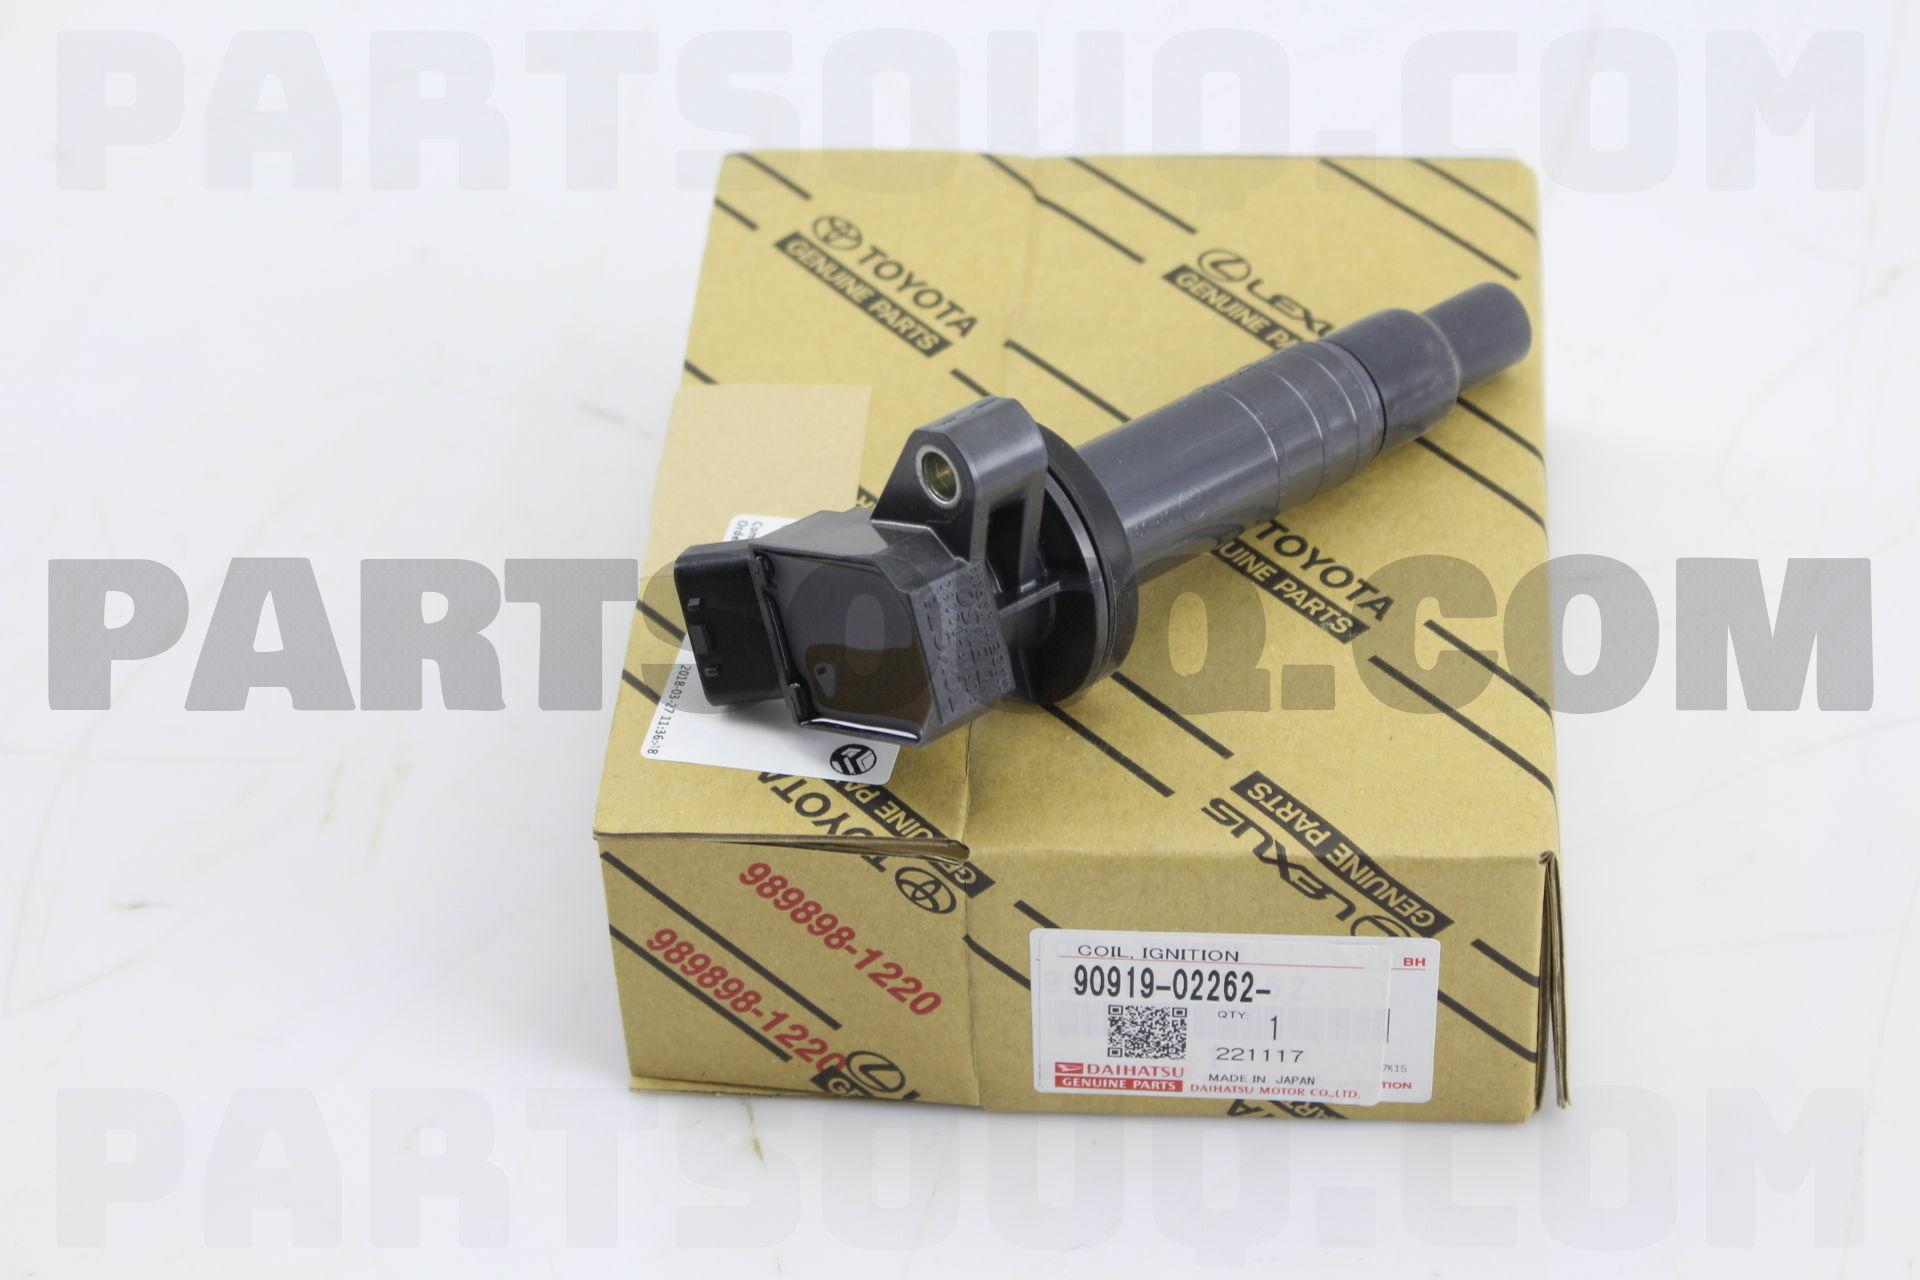 9091902262 Daihatsu COIL IGNITION Price: 51 97$, Weight: 0 214kg